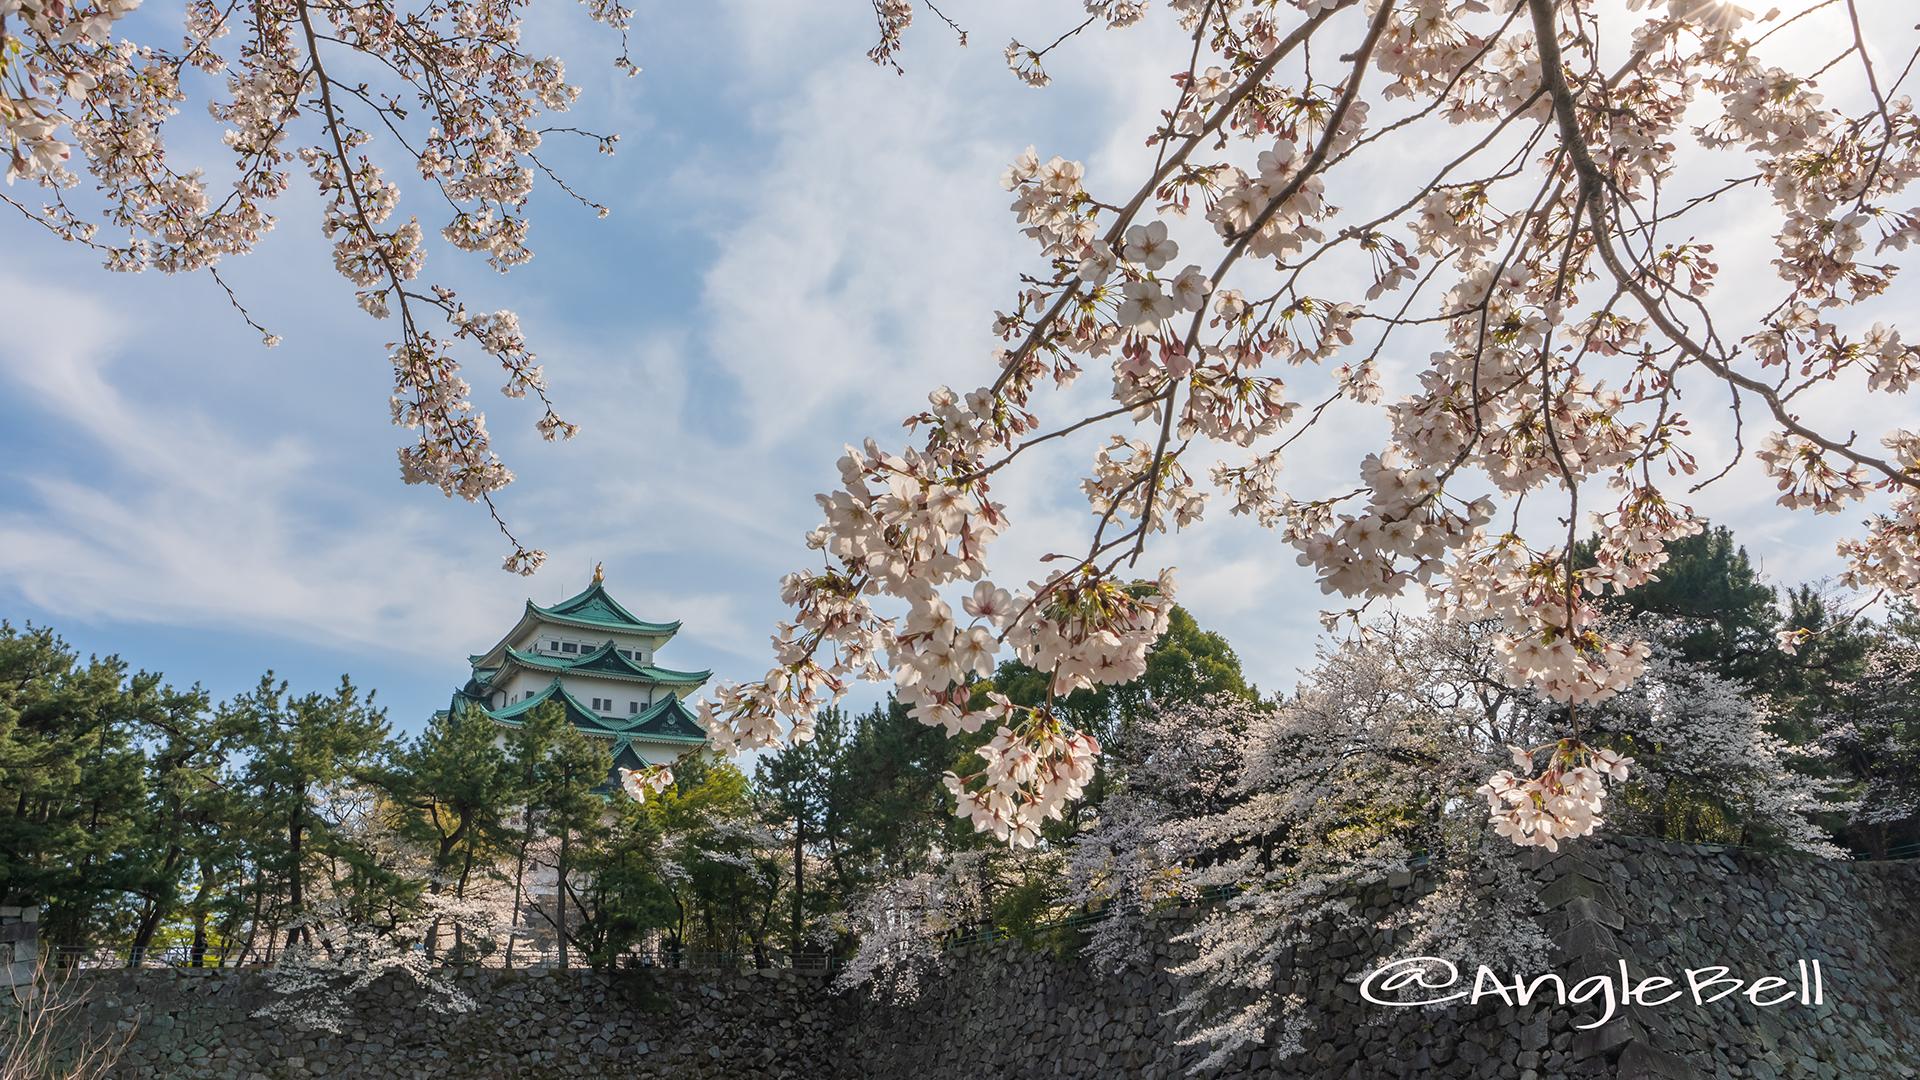 名城公園北園 藤の回廊広場 桜と名古屋城 2019